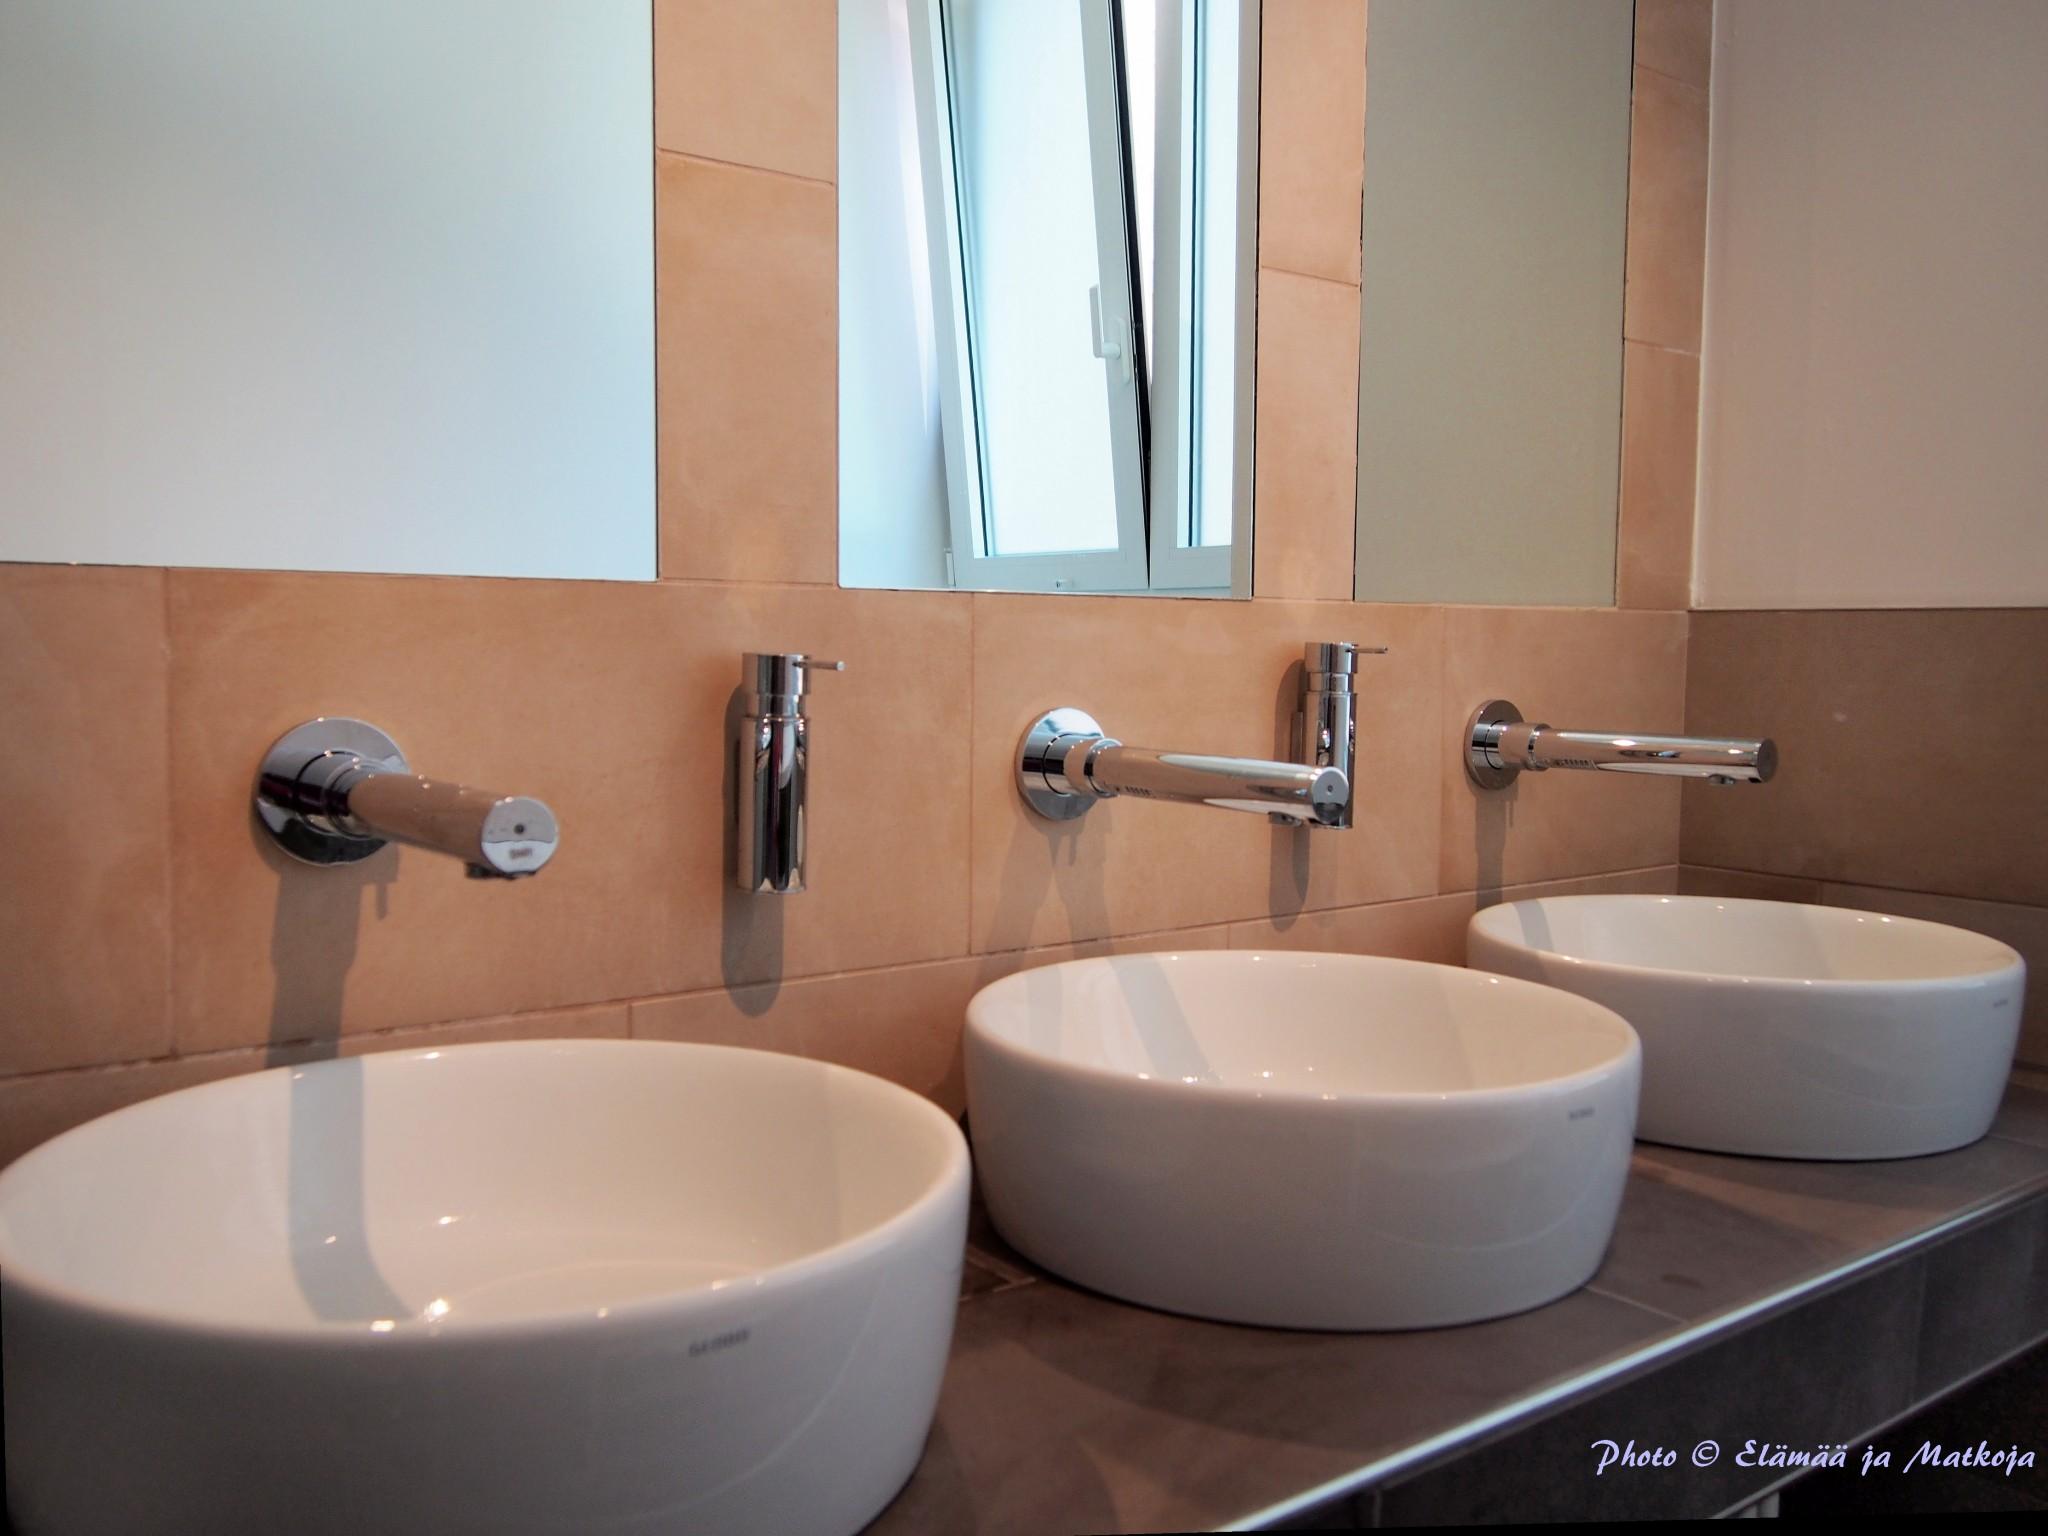 UNA Hotel Centuryn vesikalusteen niin huoneissa kuin yleisissä tiloissa ovat paitsi tyylikkäät, myös energiatehokkaat. Photo © Elämää ja Matkoja